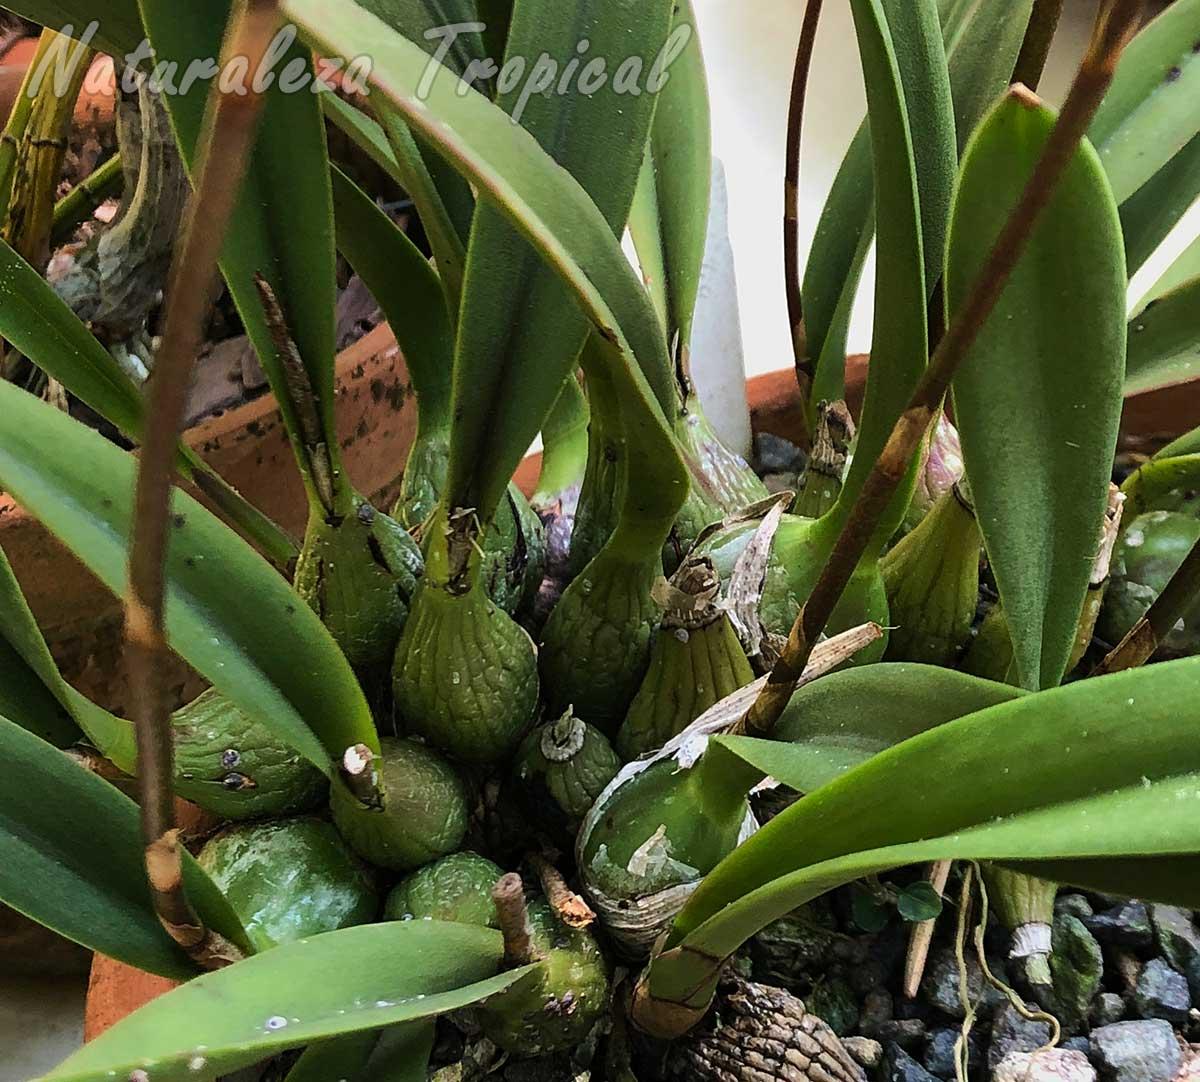 Vista de los pseudobulbos de la orquídea Encyclia moebusii